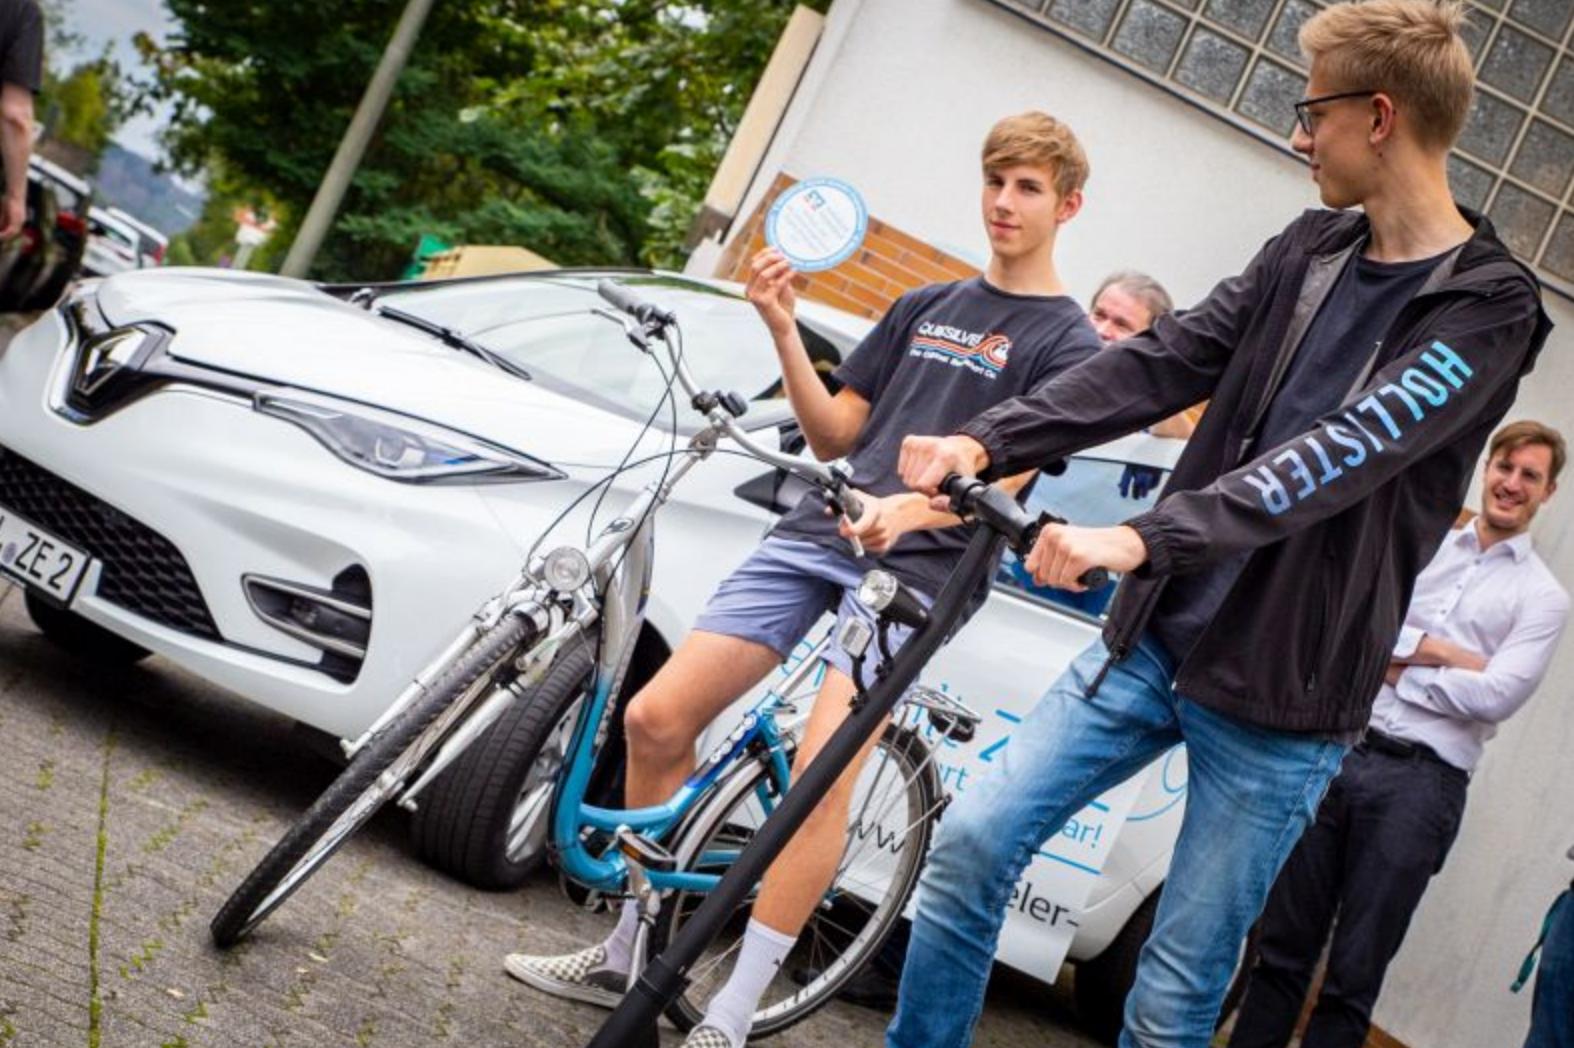 Jugendliche neben/auf E-Fahrzeugen